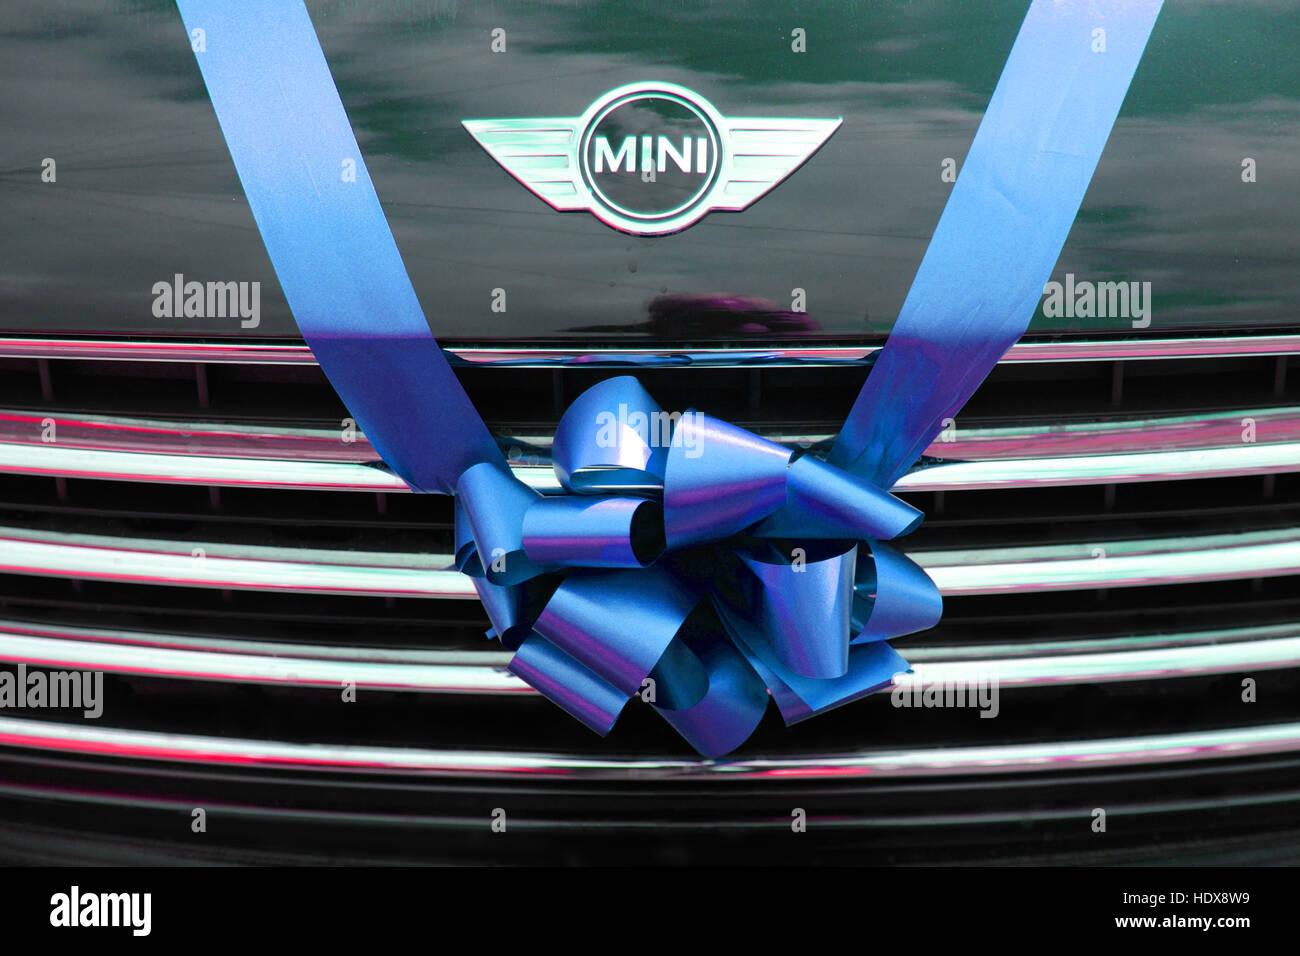 BMW Mini utilisé comme voiture de mariage, attachés avec un ruban bleu et bow sur la calandre. Photo Stock